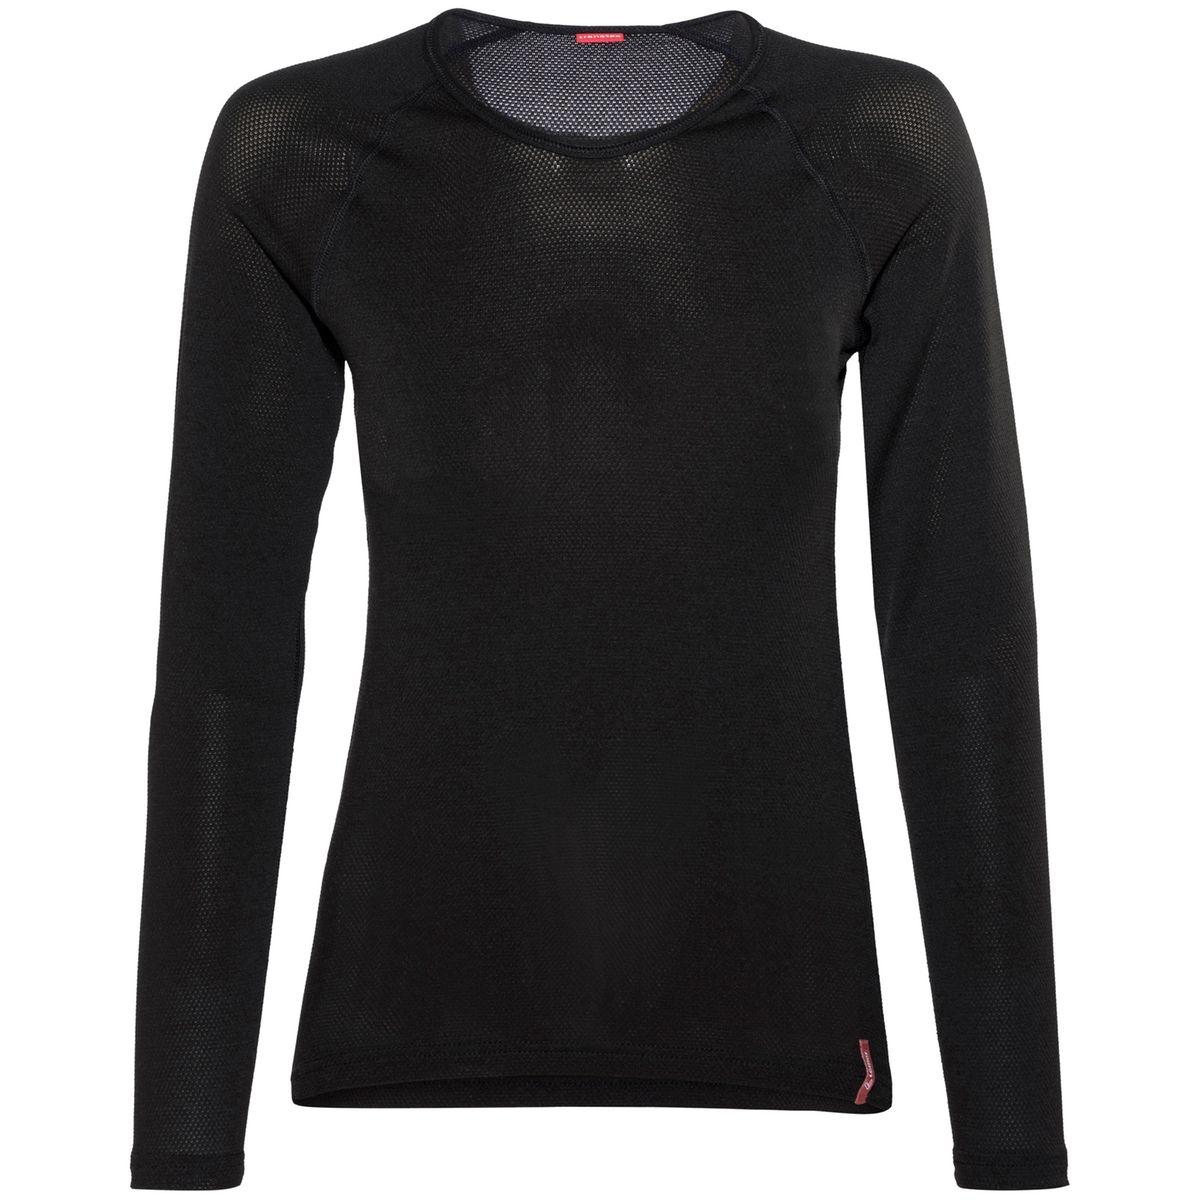 Transtex Light LA - Sous-vêtement Femme - noir